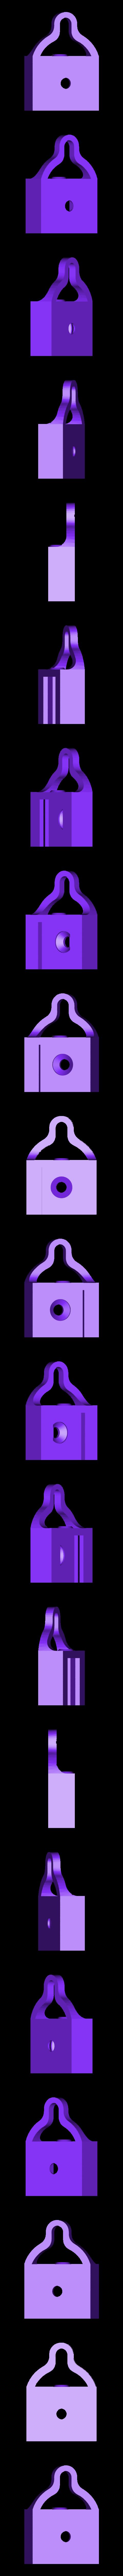 plaquecrochetv2.1.STL Télécharger fichier STL gratuit crochet léger • Objet imprimable en 3D, robroy